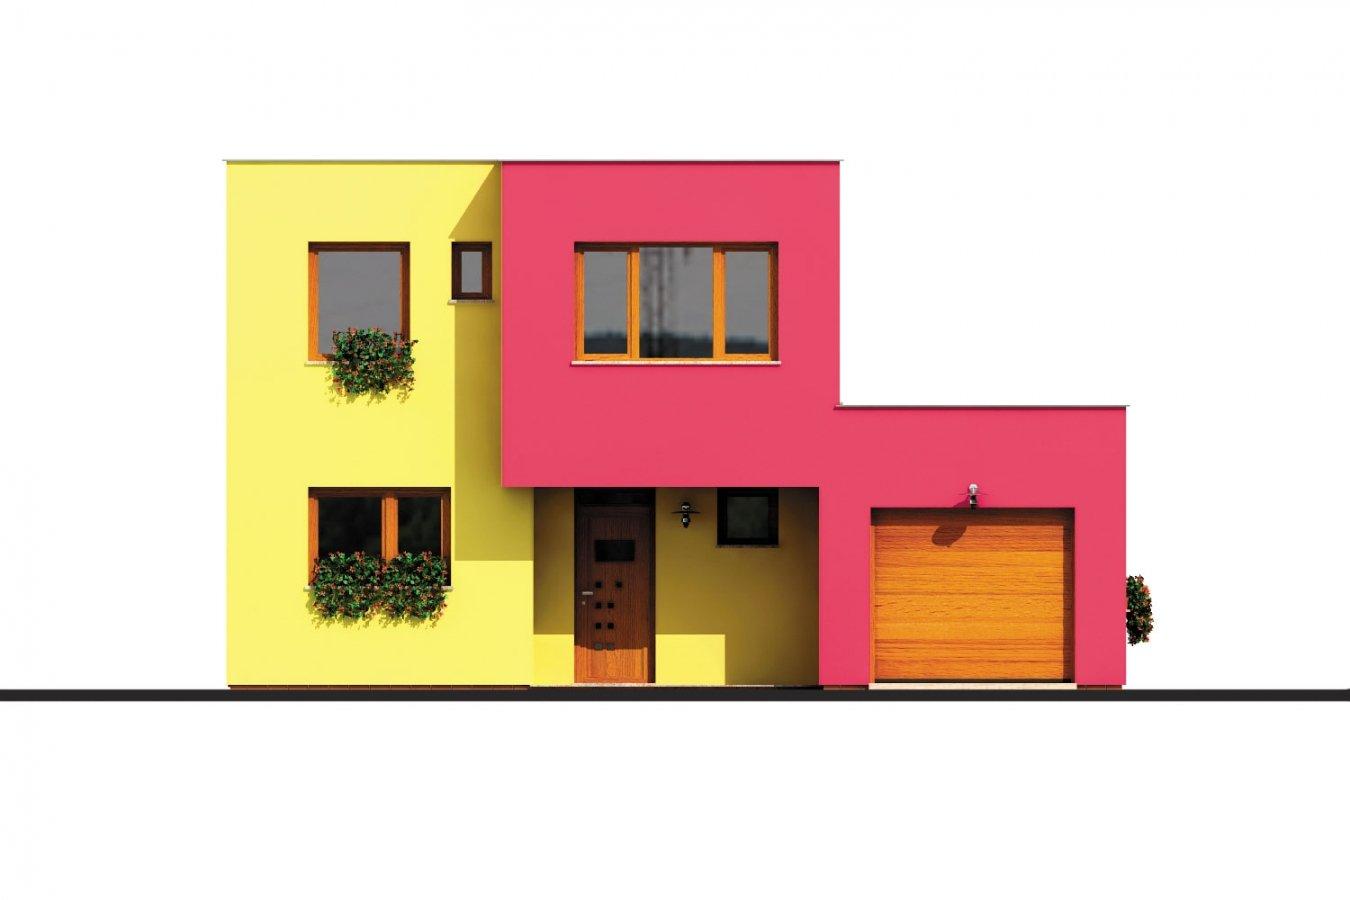 Pohľad 1. - Projekt domu s rovnou strechou